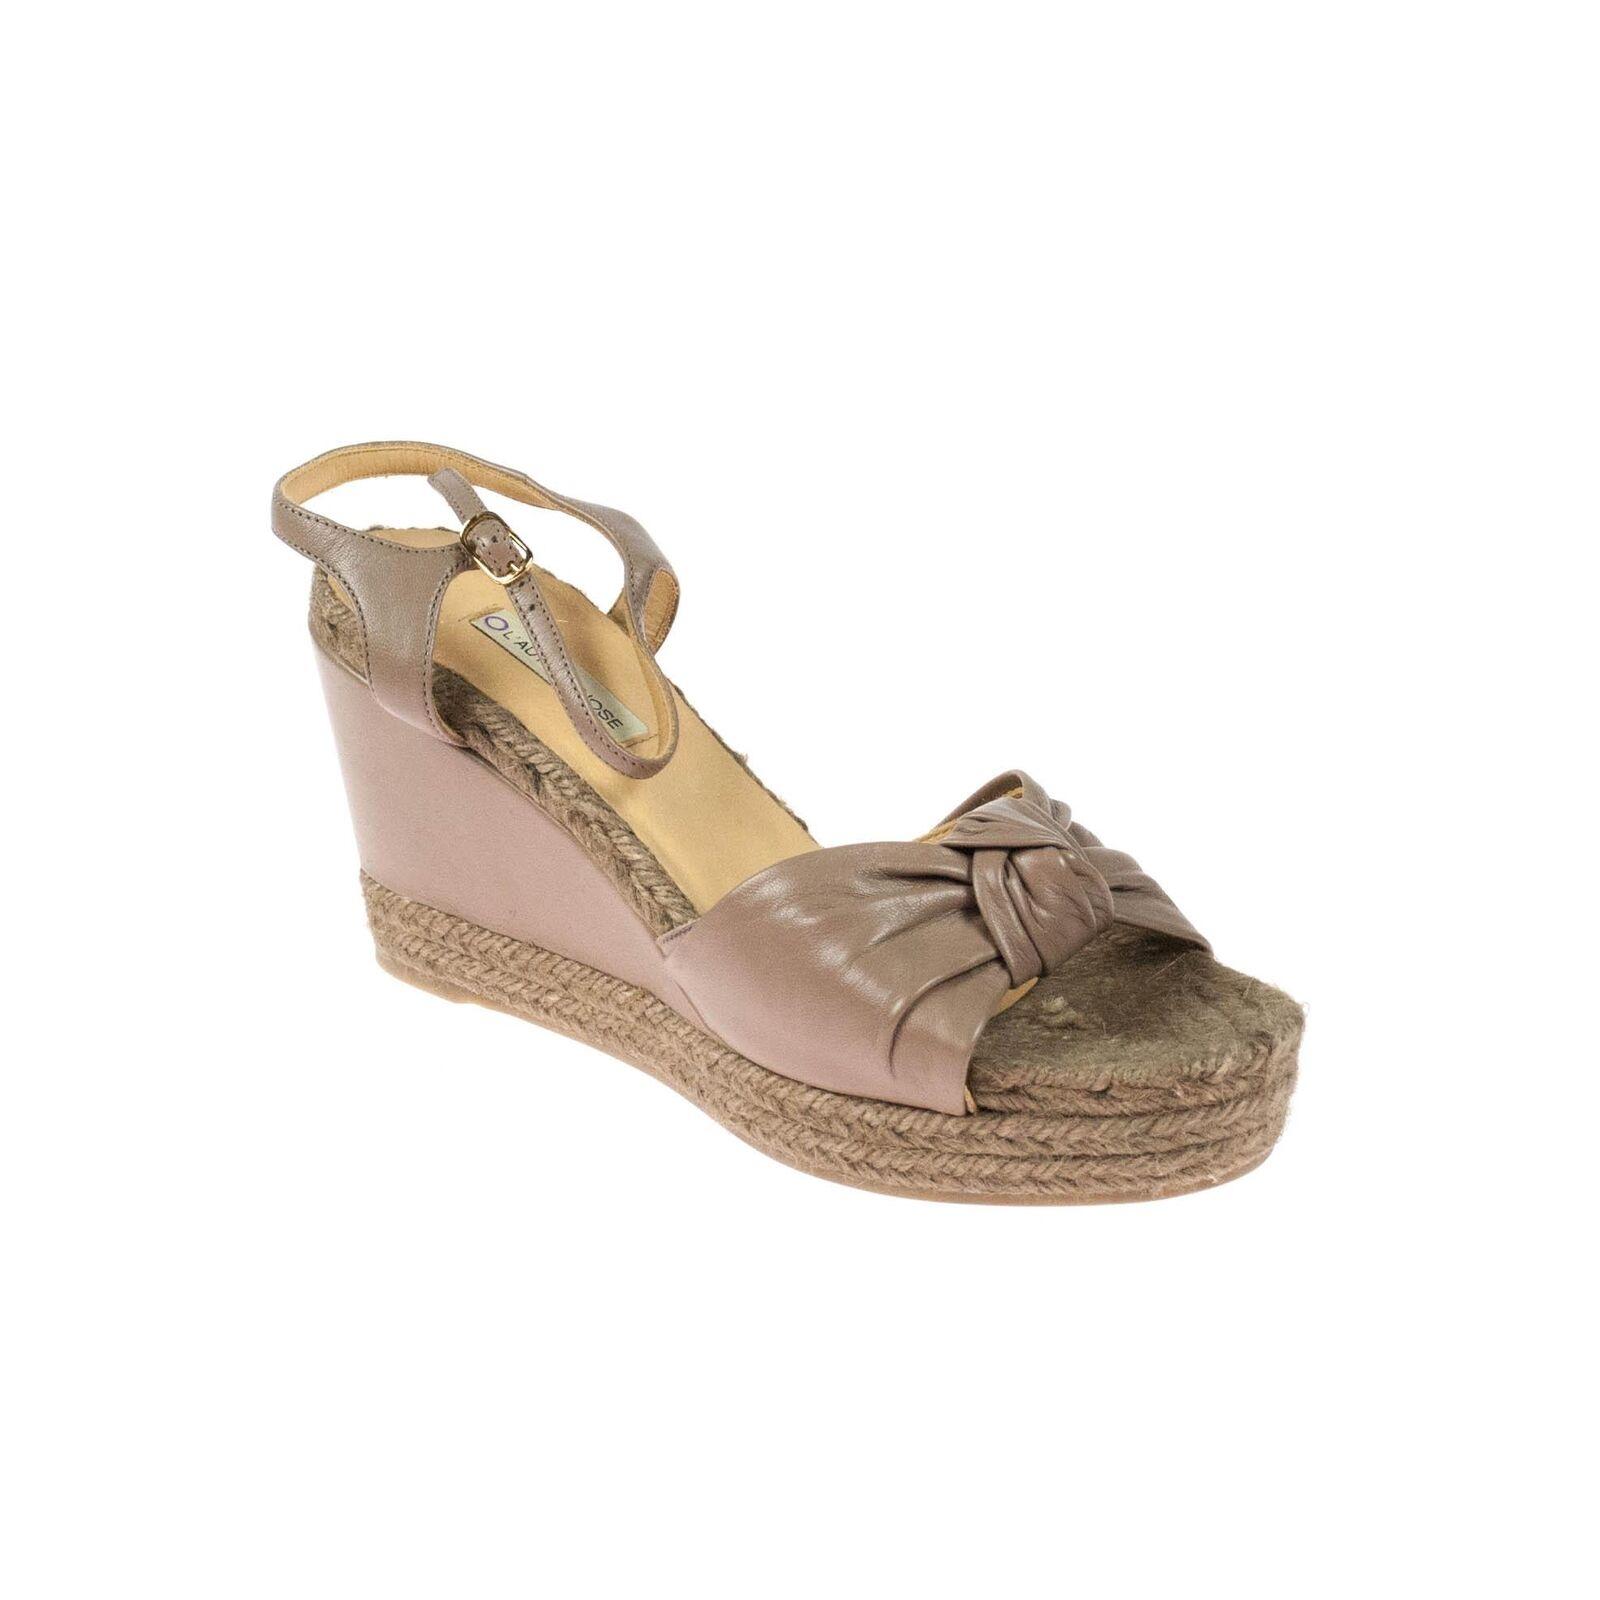 Zapatos casuales salvajes Descuento por tiempo limitado Lautre Chose Damen Wedges Keilabsatz Leder Braun